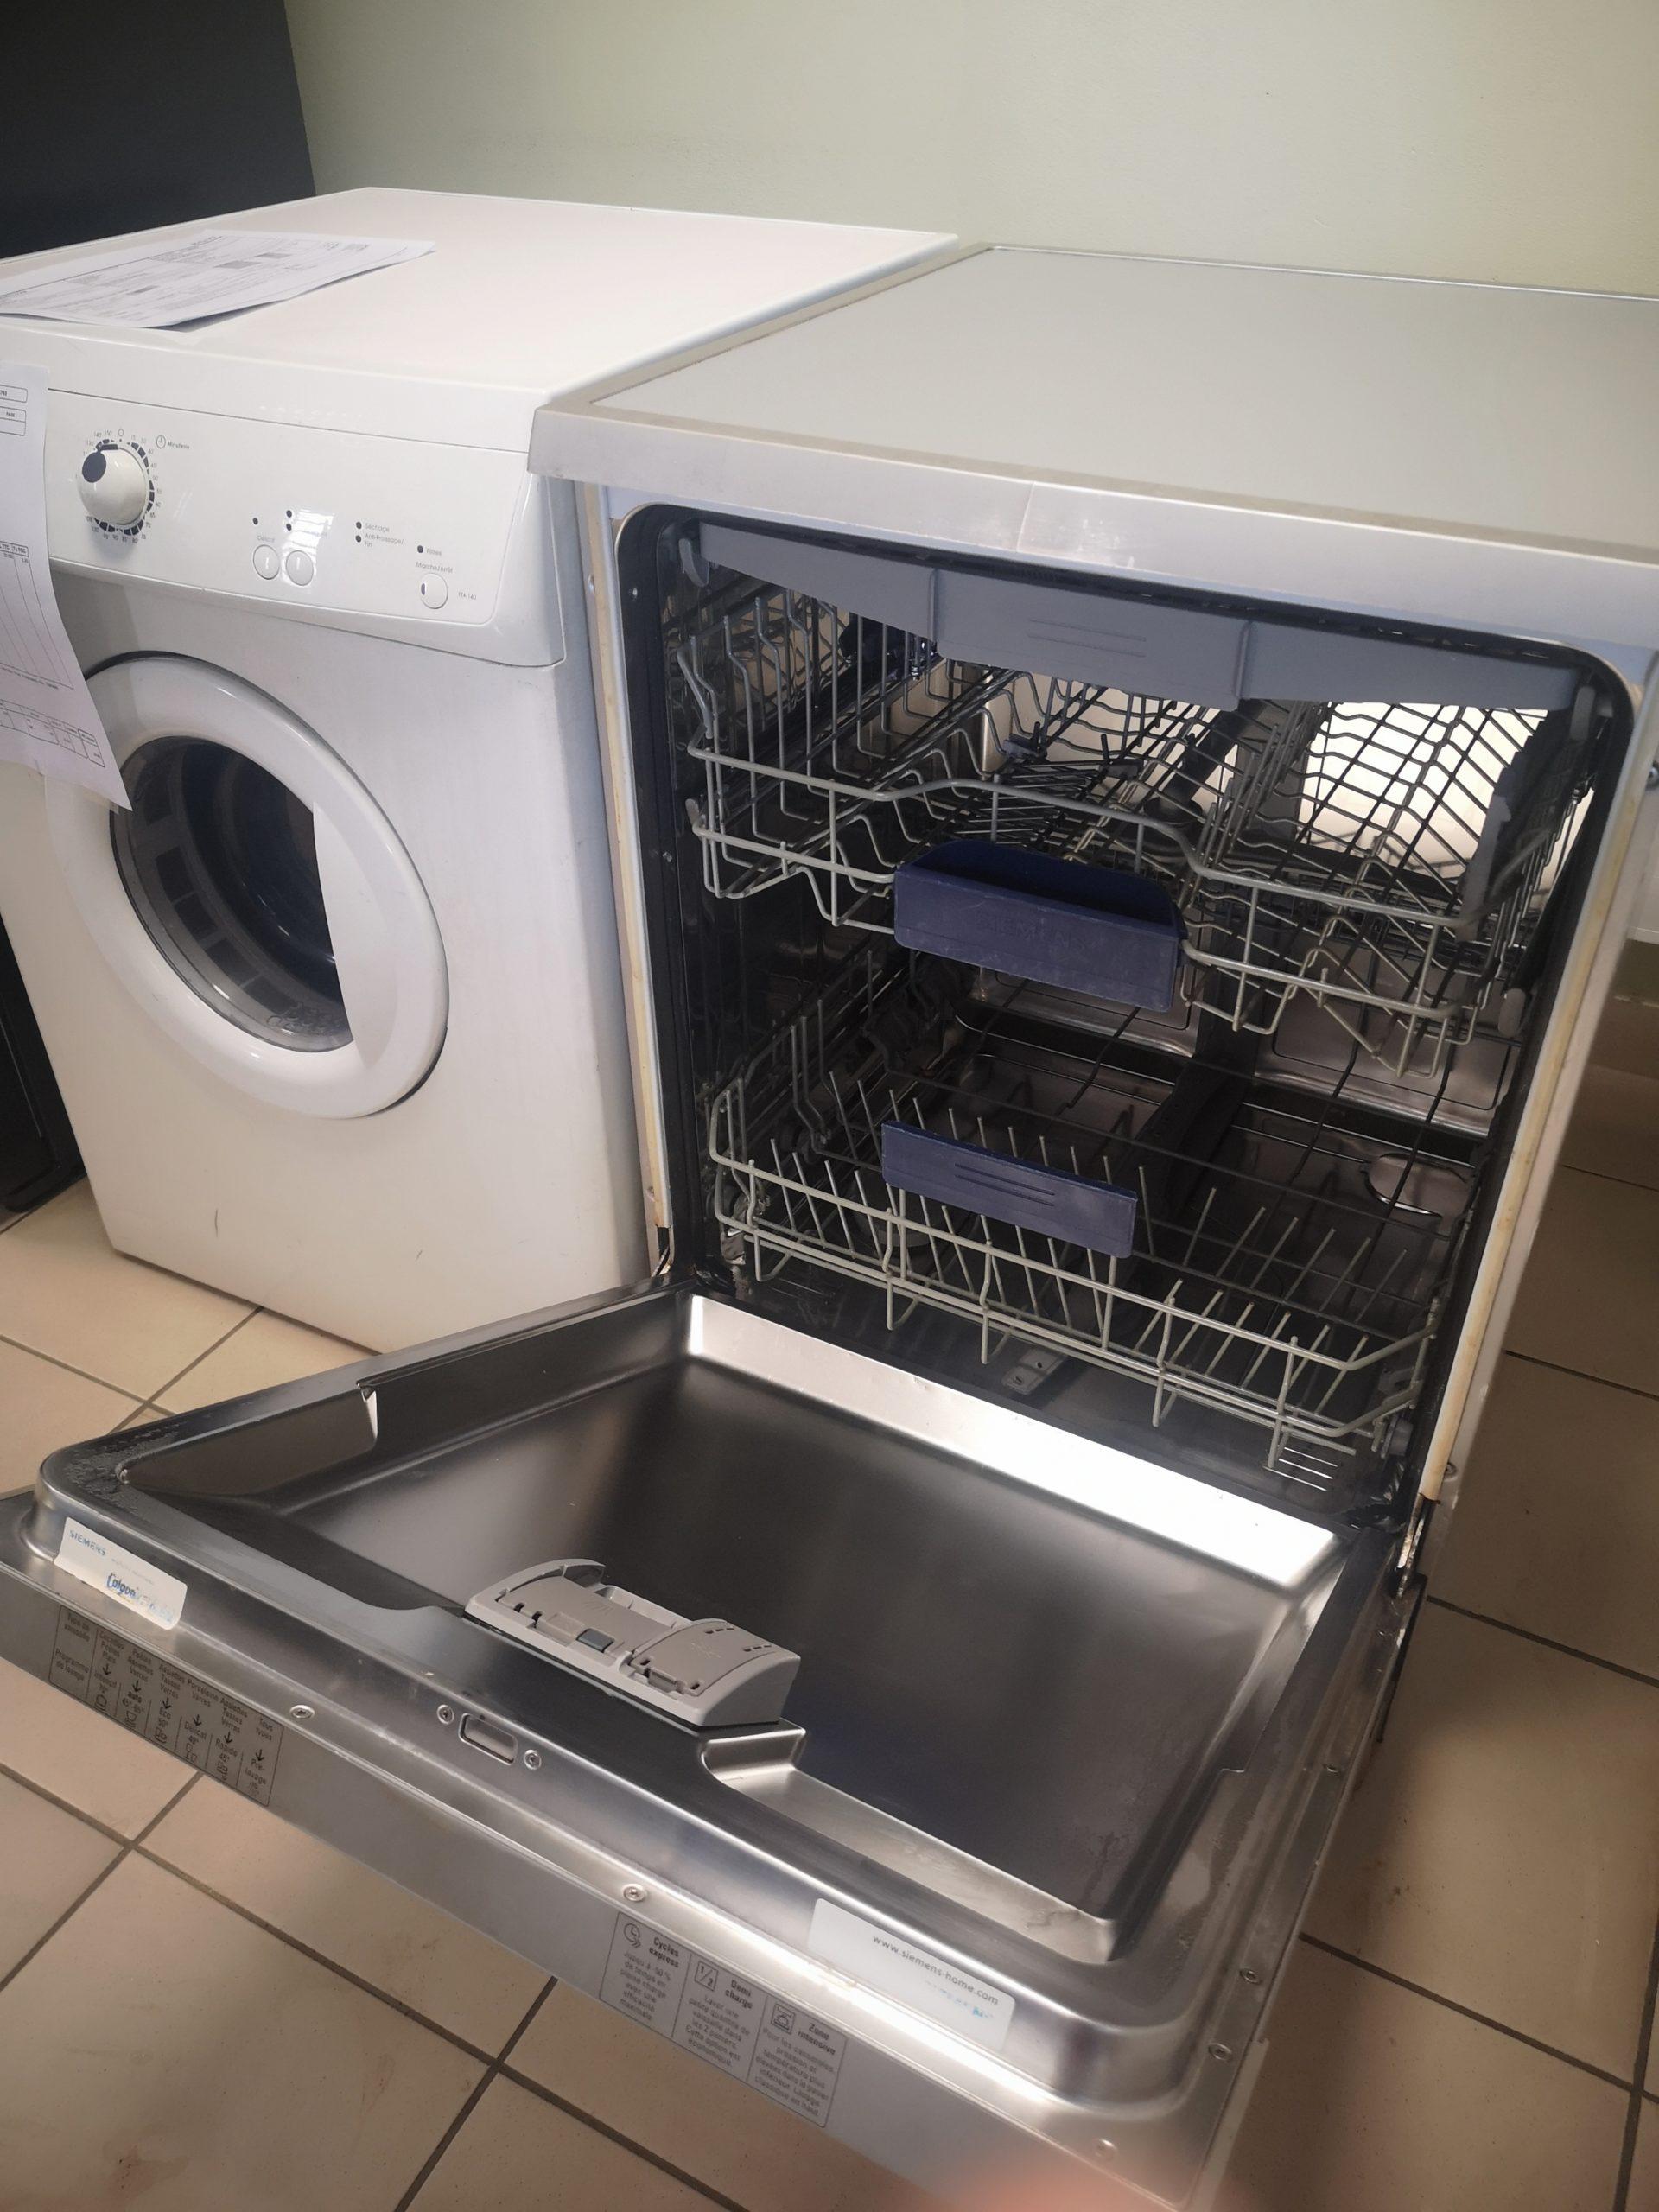 Lave vaisselle SIEMENS Pose libre INOX – Prix : 38 000FR – GARANTIE 3 MOIS EN ATELIER